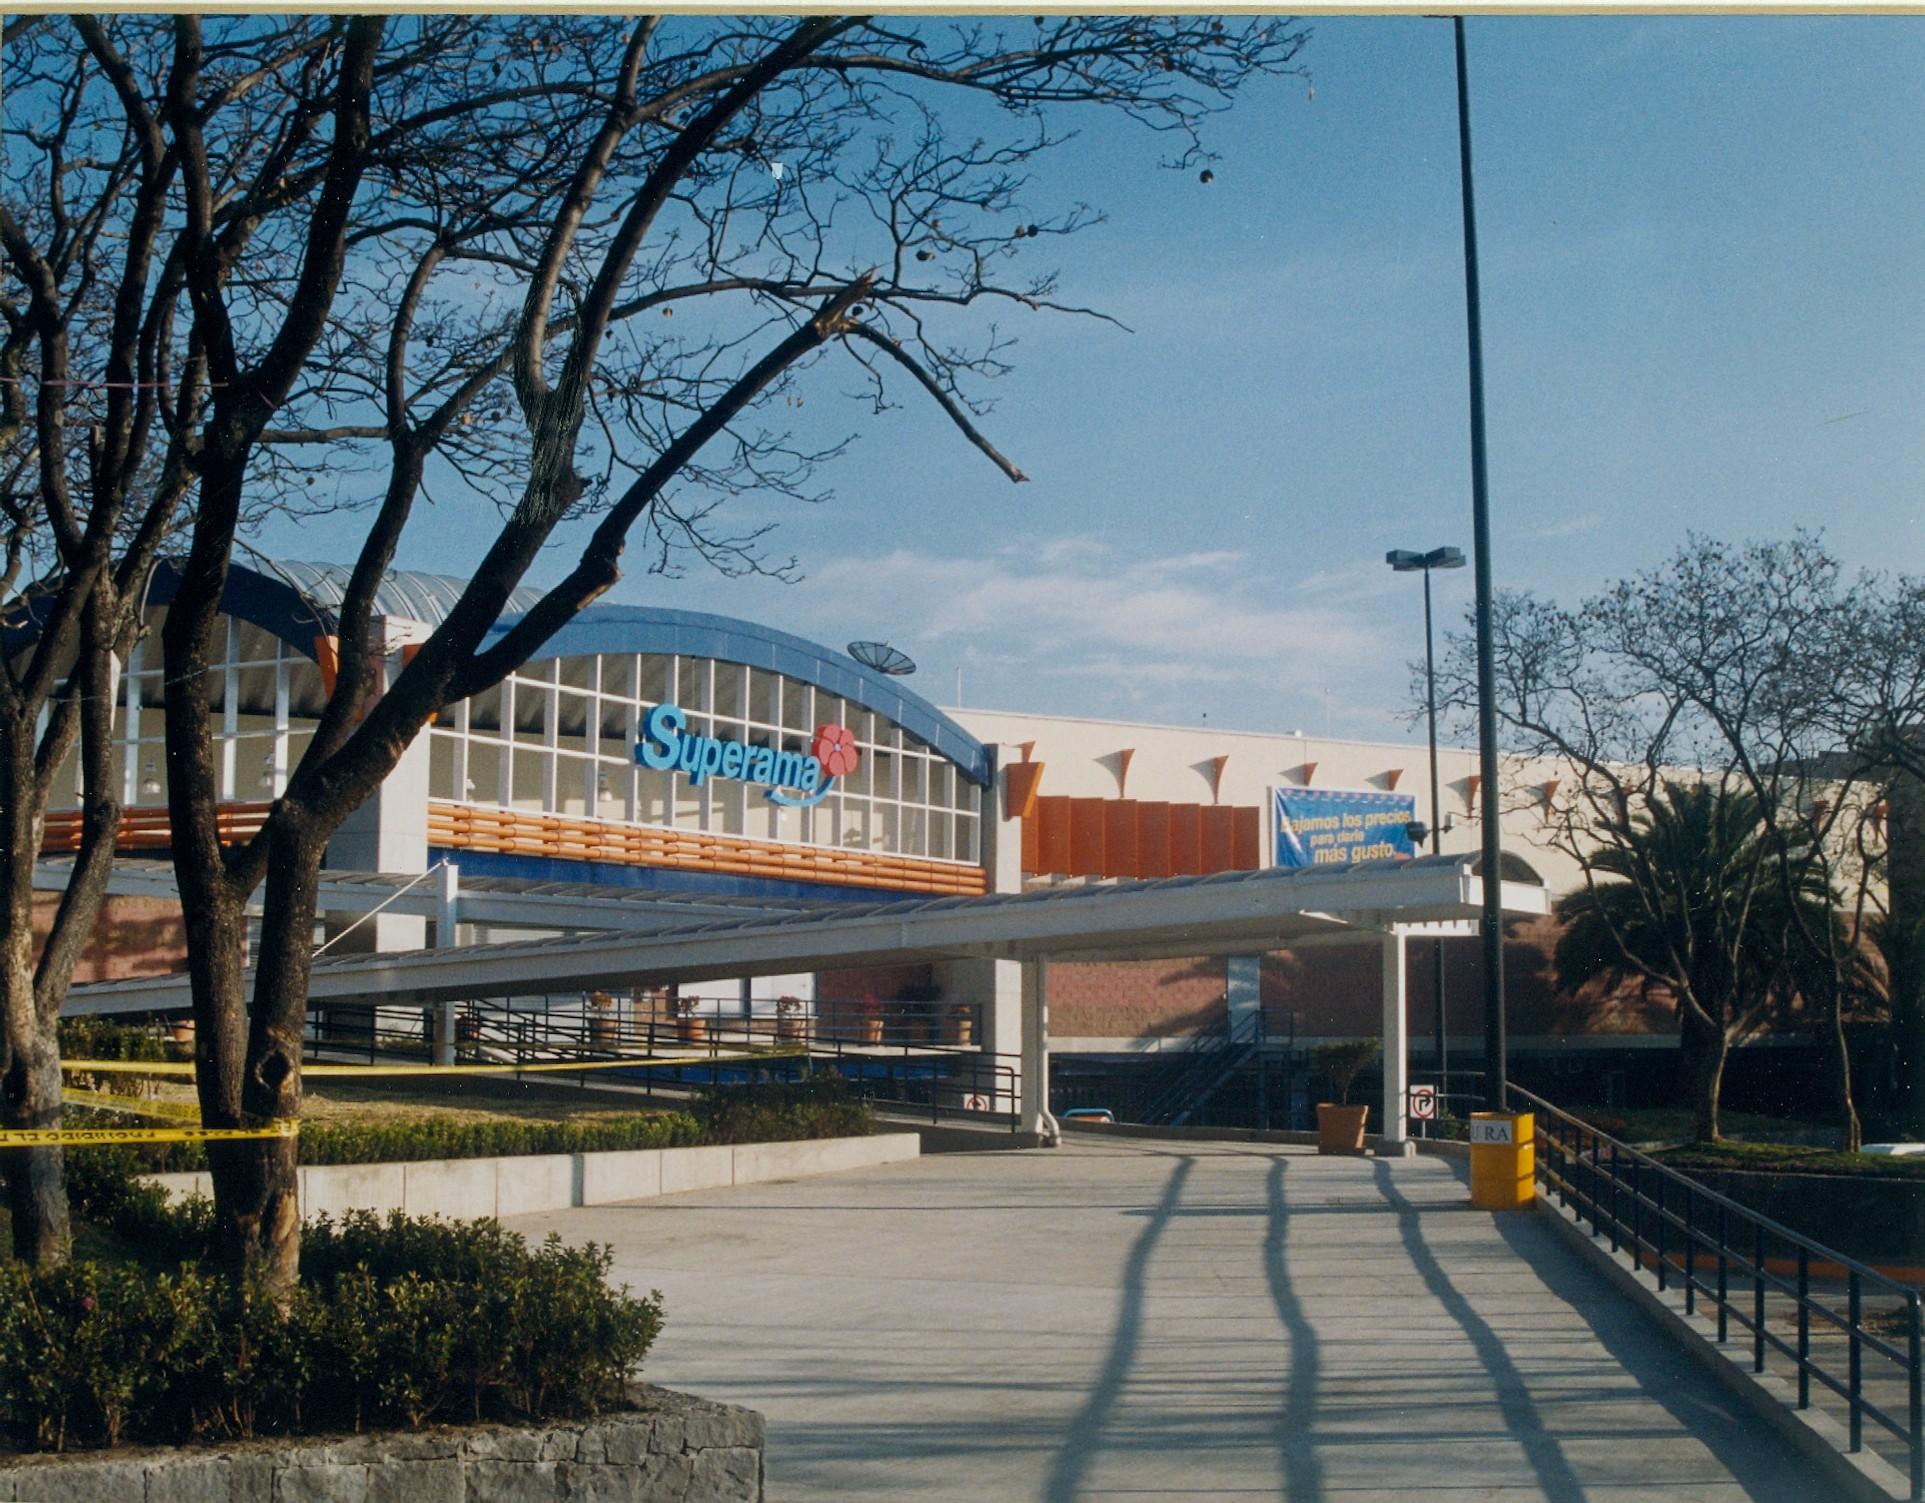 1 Superama Av Toluca0001.jpg